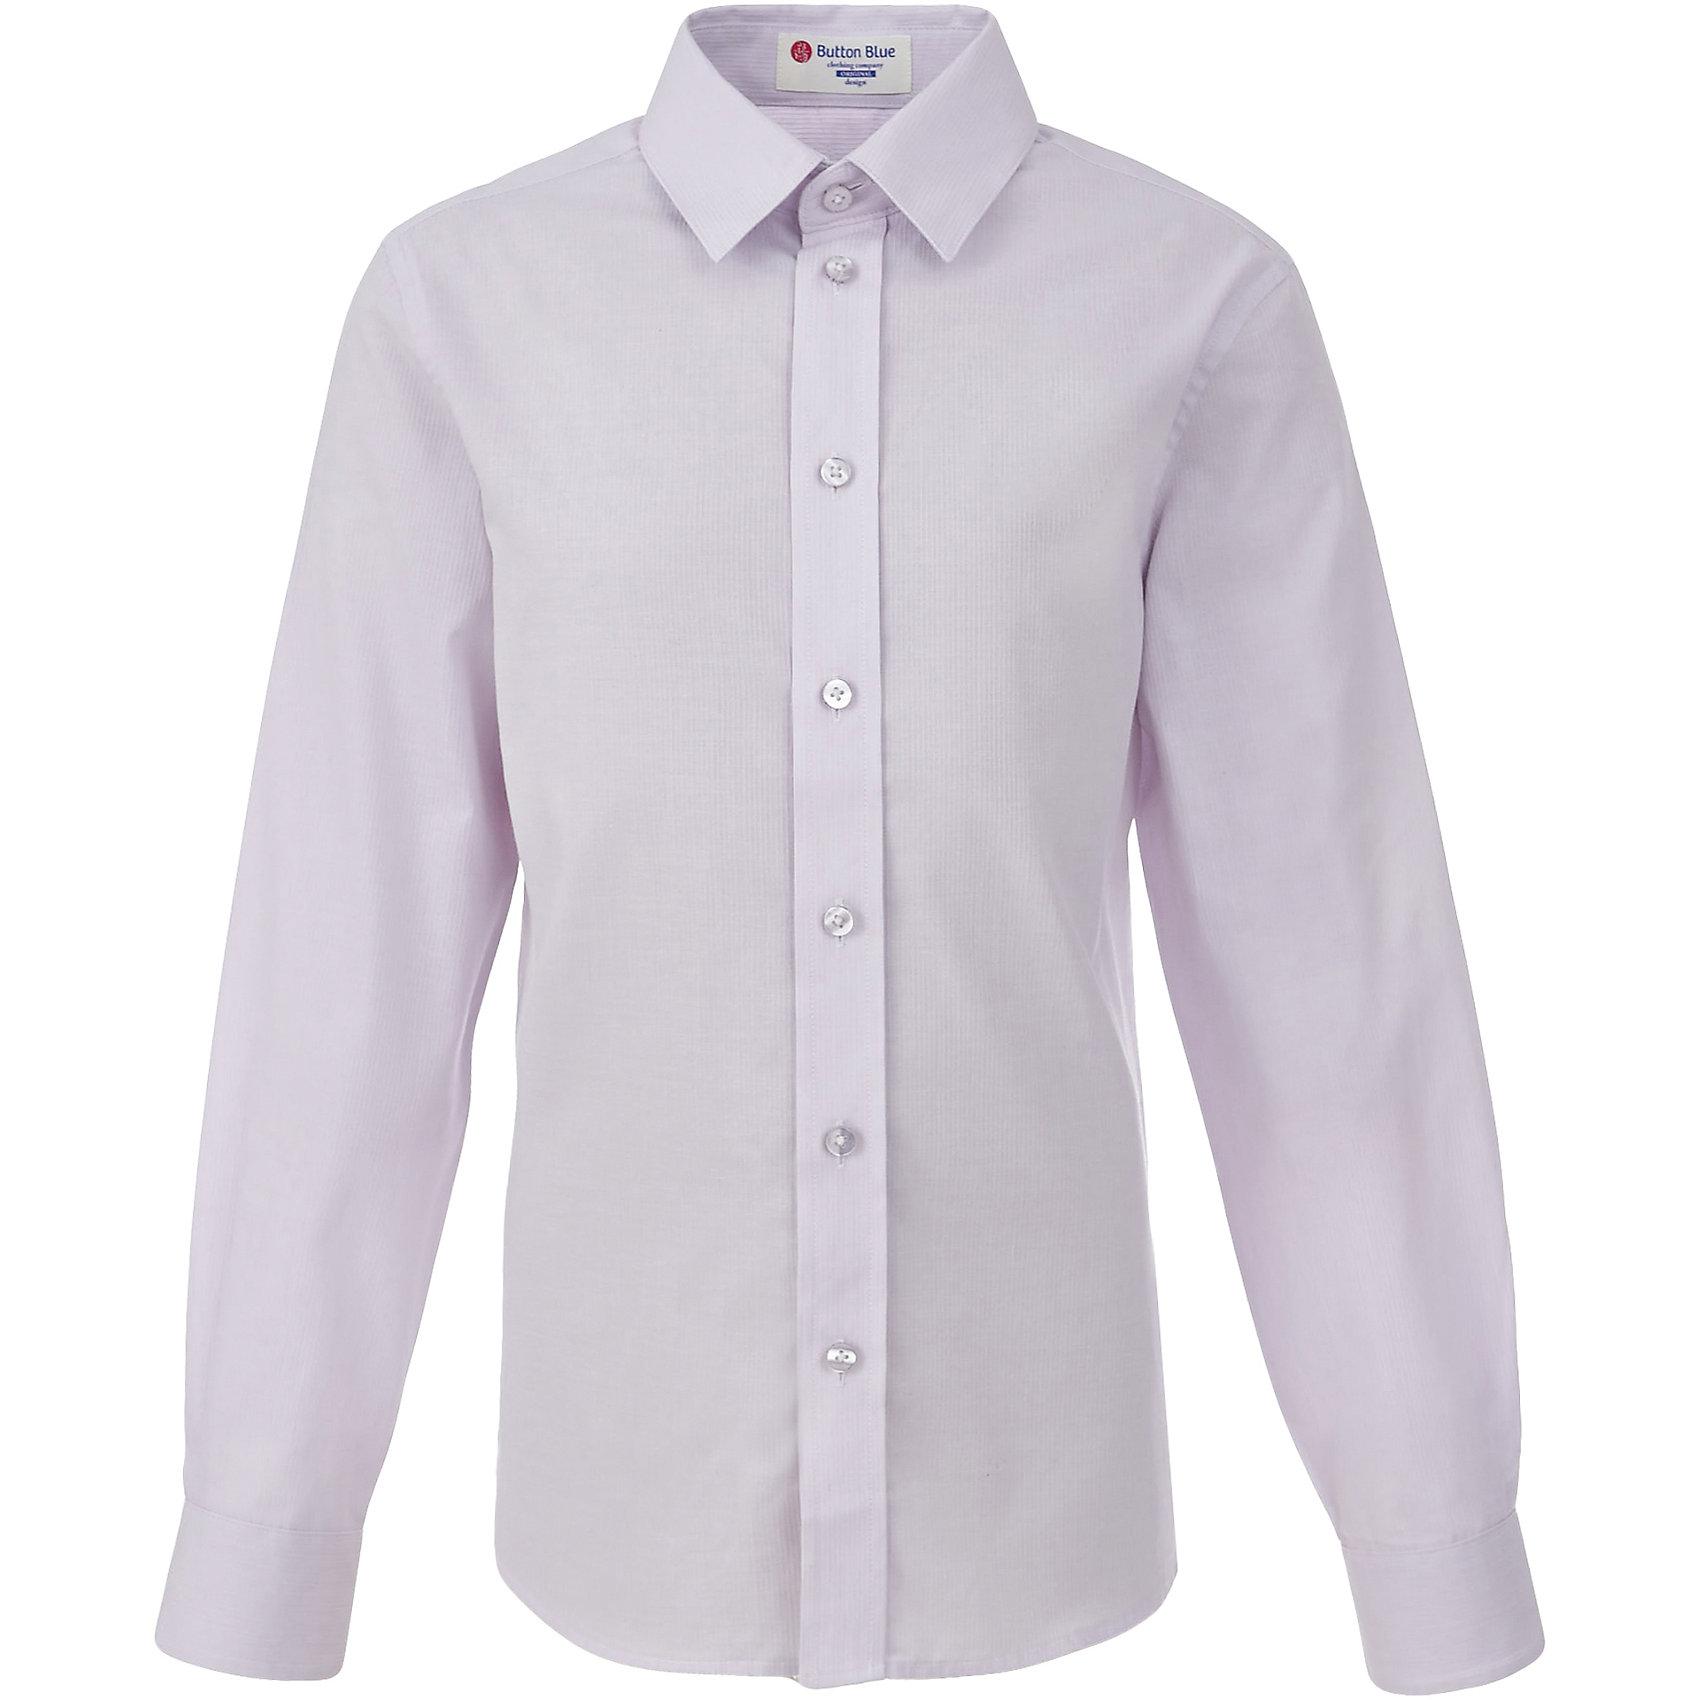 Рубашка для мальчика BUTTON BLUEБлузки и рубашки<br>Рубашка для мальчика BUTTON BLUE<br>Рубашка для мальчика - основа повседневного школьного образа! Школьные рубашки от Button Blue - это качество и комфорт, отличный внешний вид, удобство в уходе, высокая износостойкость. Какая детская рубашка для школы займет место в гардеробе вашего ребенка - зависит только от вас! Готовясь к школьному сезону, вам стоит купить рубашки в трех-четырех цветах, чтобы разнообразить будни ученика.<br>Состав:<br>60% хлопок                40% полиэстер<br><br>Ширина мм: 174<br>Глубина мм: 10<br>Высота мм: 169<br>Вес г: 157<br>Цвет: лиловый<br>Возраст от месяцев: 108<br>Возраст до месяцев: 120<br>Пол: Мужской<br>Возраст: Детский<br>Размер: 140,146,152,158,164,122,128,134<br>SKU: 6739126